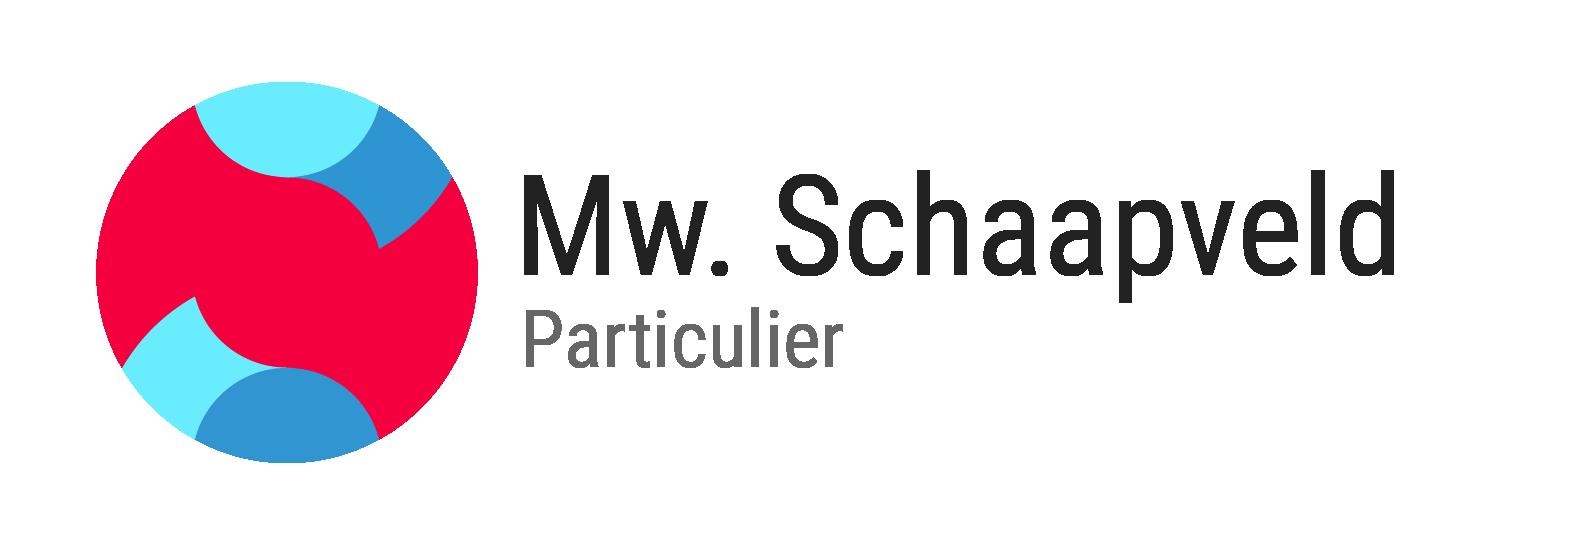 180524_mevrouw_Schaapveld.png